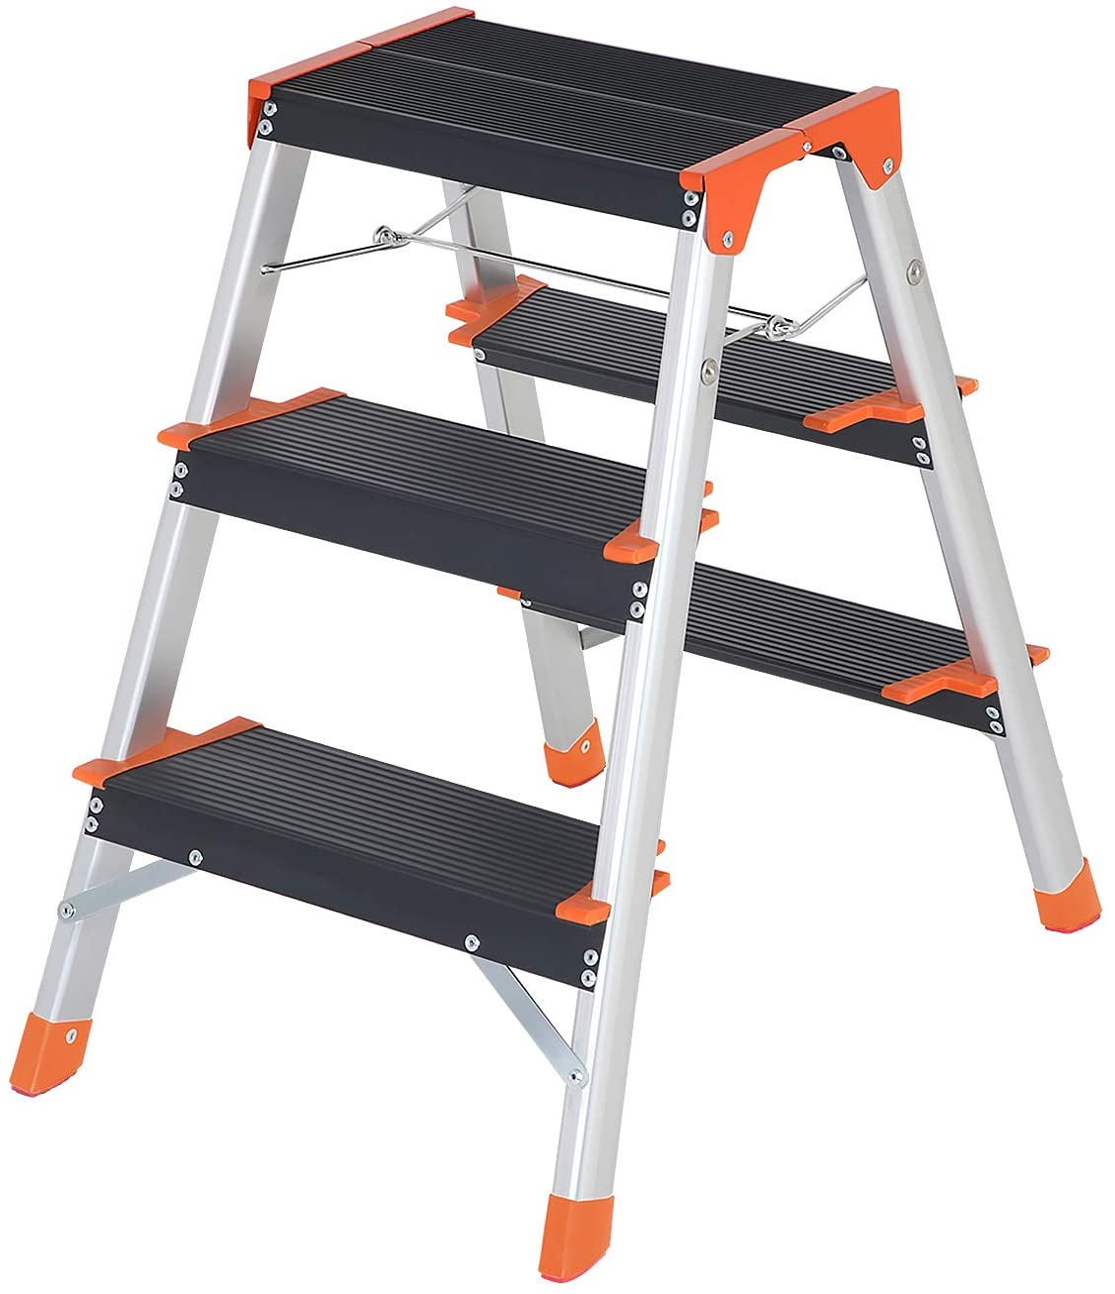 SONGMICS Escalera de 3 Peldaños, Escalera de Aluminio Plegable, Peldaños en Forma de A, de Doble Cara, Peldaños de 12 cm de Ancho con Ranuras, Pies Antideslizantes, carga 150 kg, Plata GLT23BK: